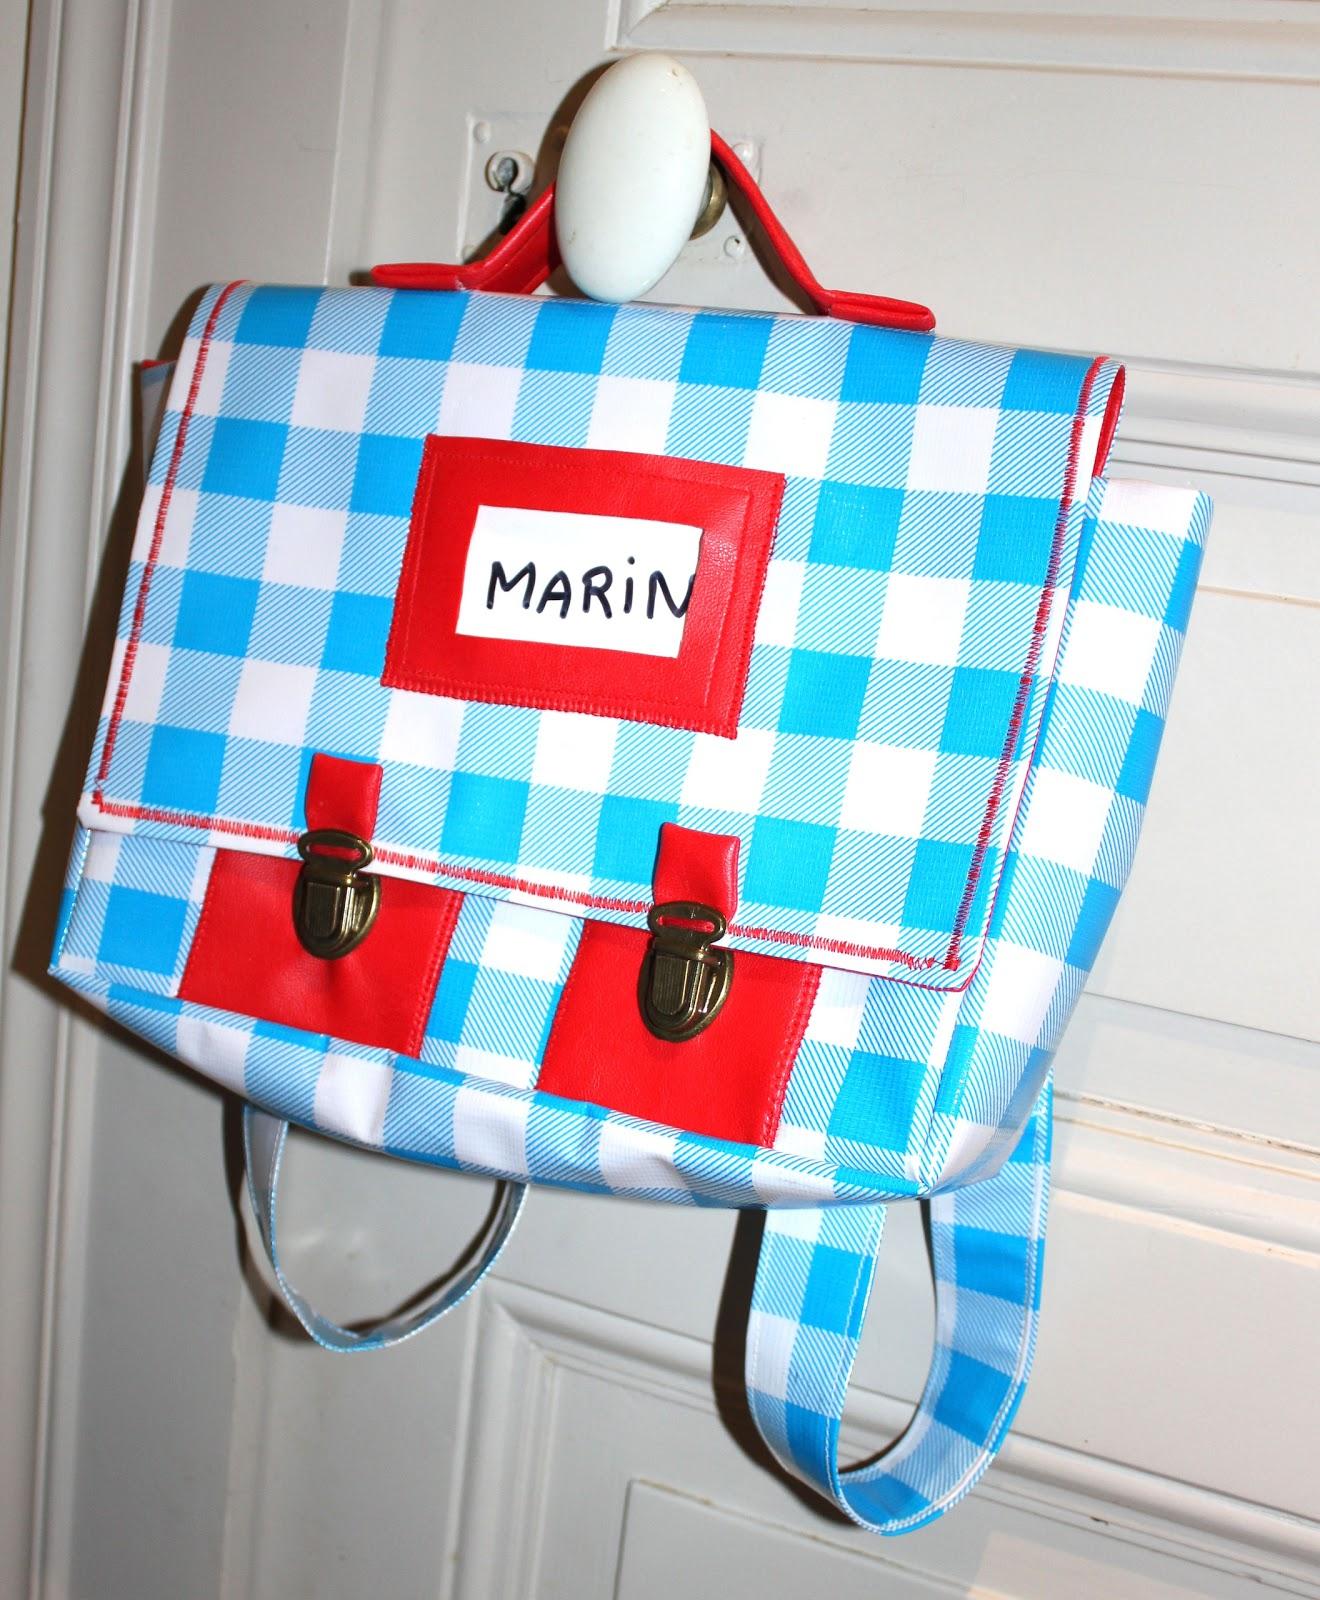 L 39 atelier des petites bauloises cartable maternelle en toile cir e - Image cartable maternelle ...